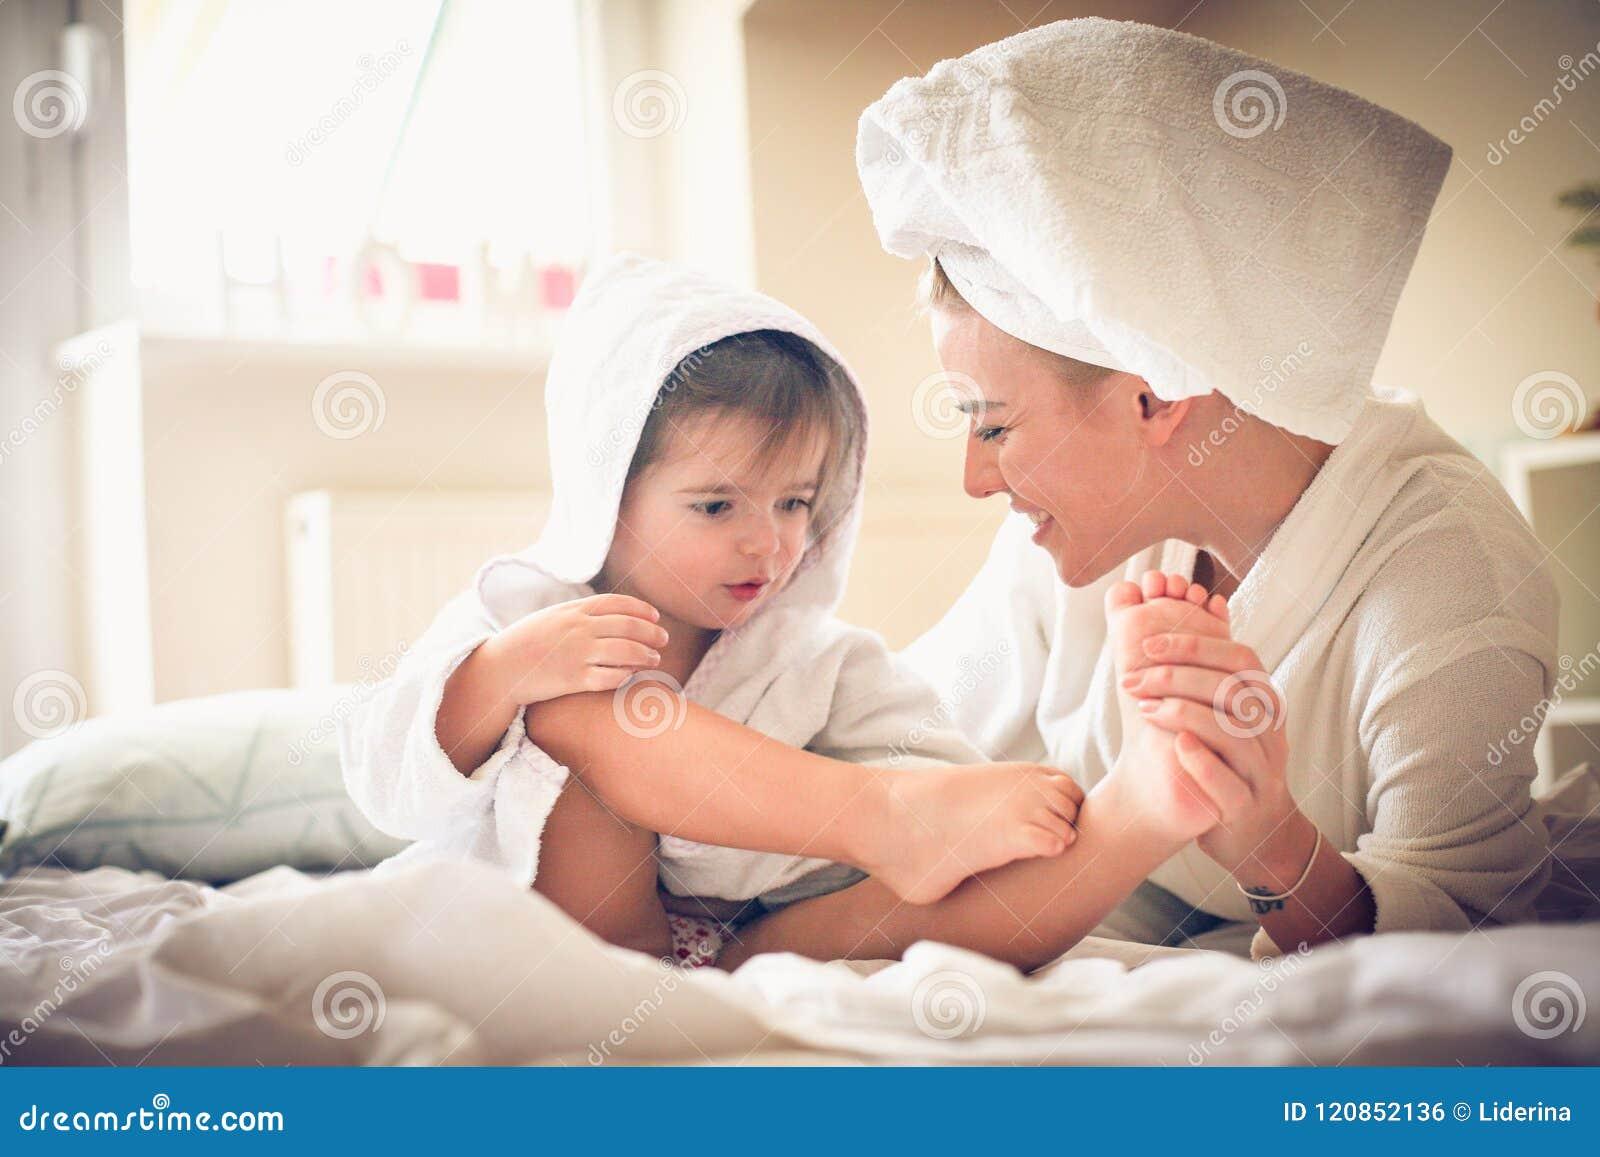 Mama massieren mich Fuß Kleines Mädchen mit ihrer Mutter nach Bad